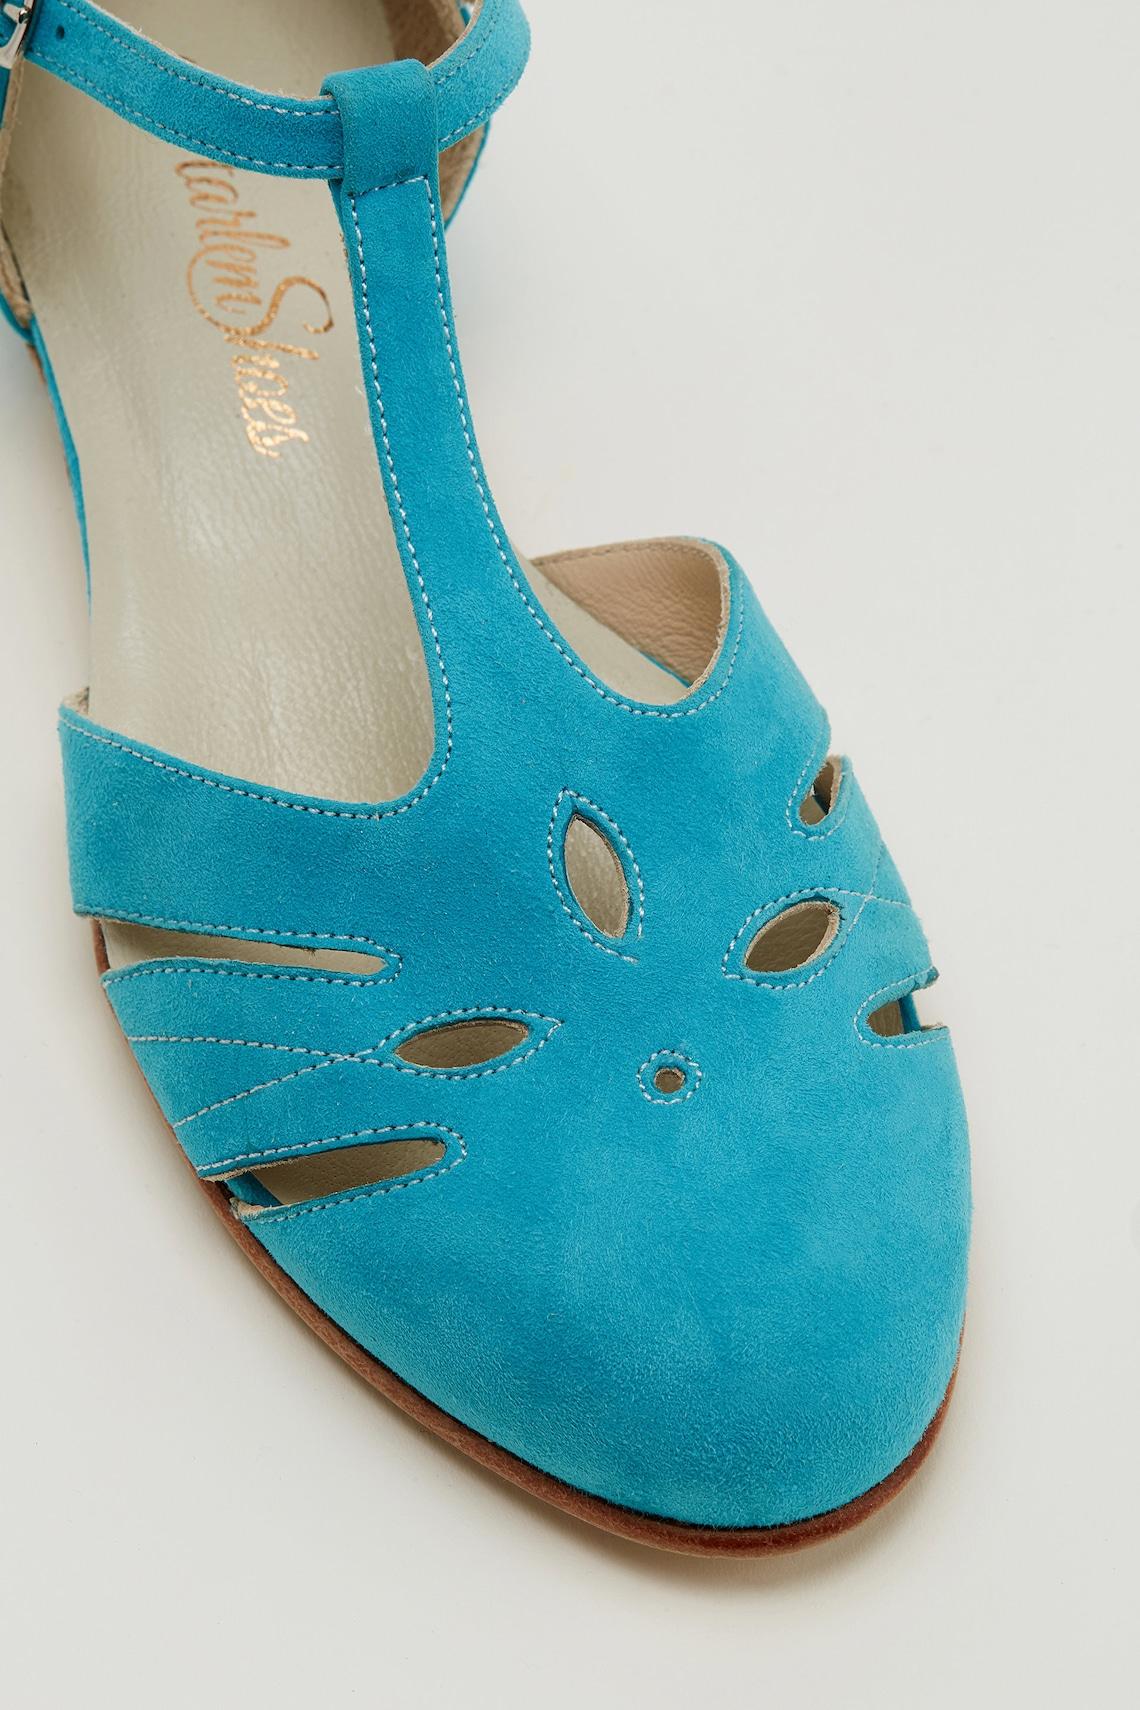 Mujeres Swing Dance Zapatos de ante azul rosado hechos a mano por Harlem Zapatos